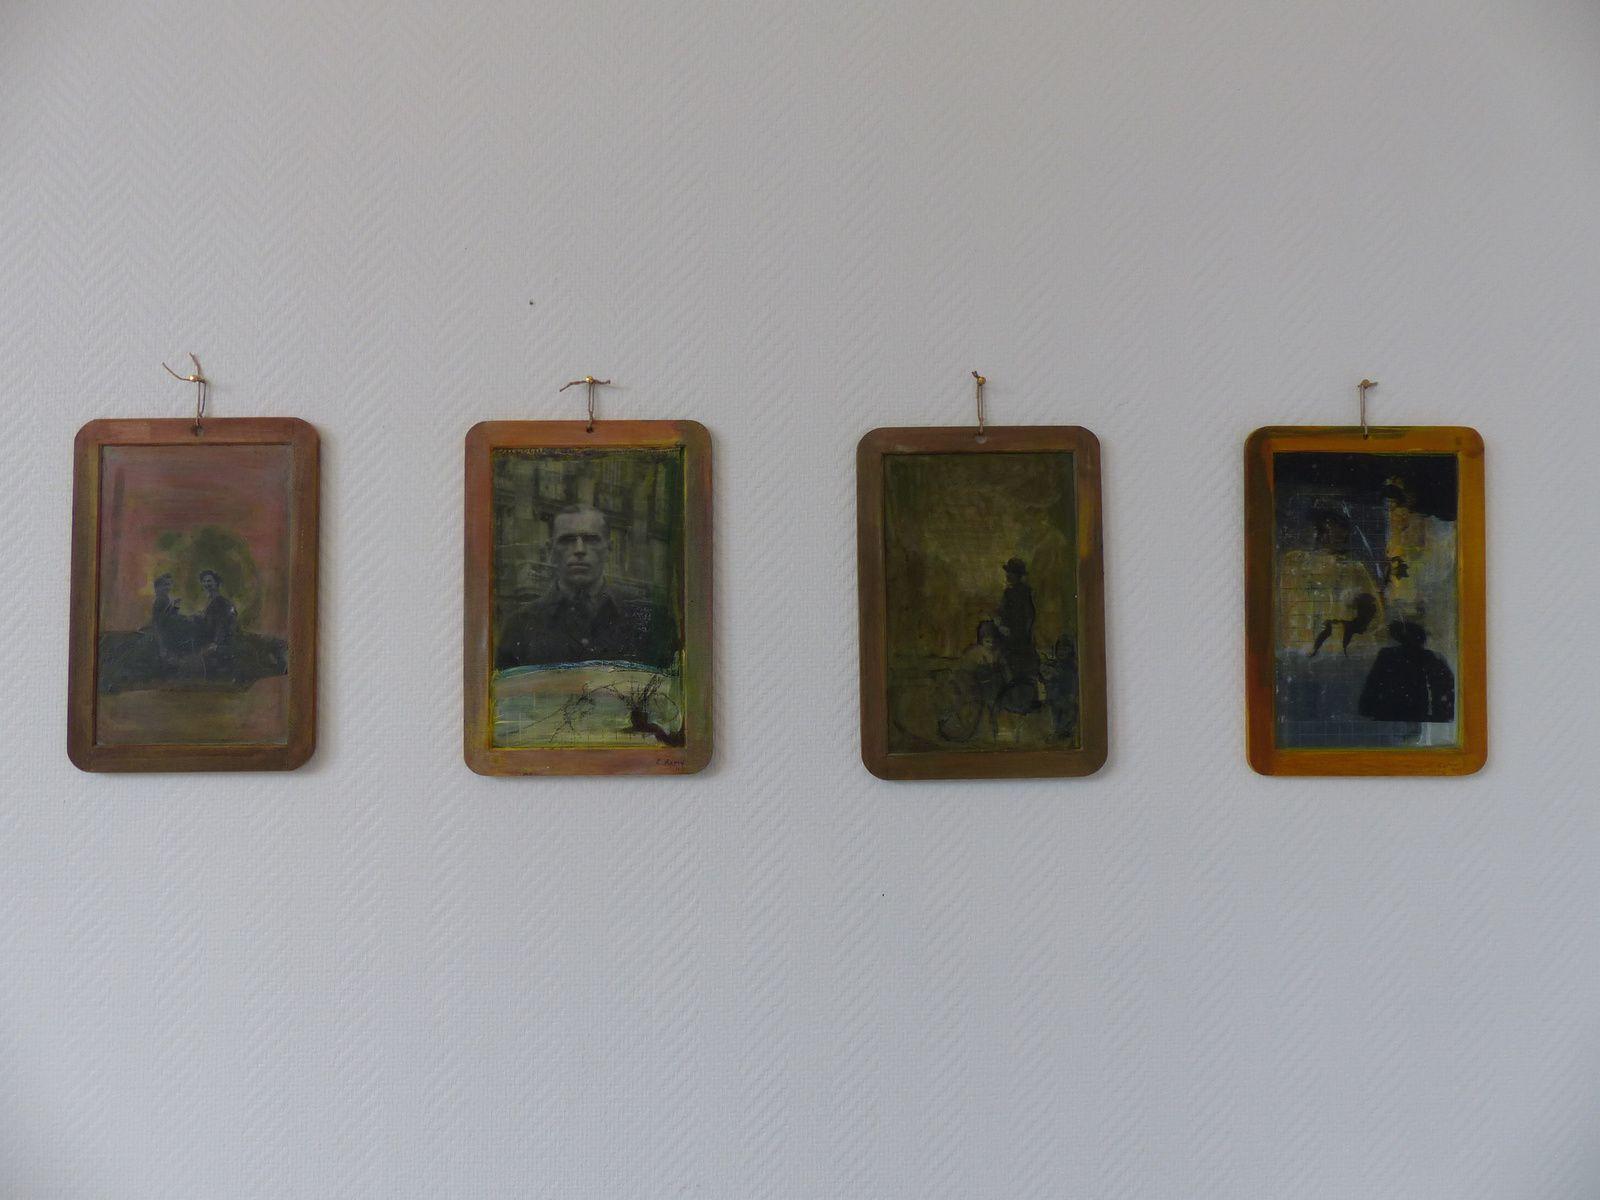 Les nouveaux contes des Lacs, exposition de Claudine Remy, au Corridor